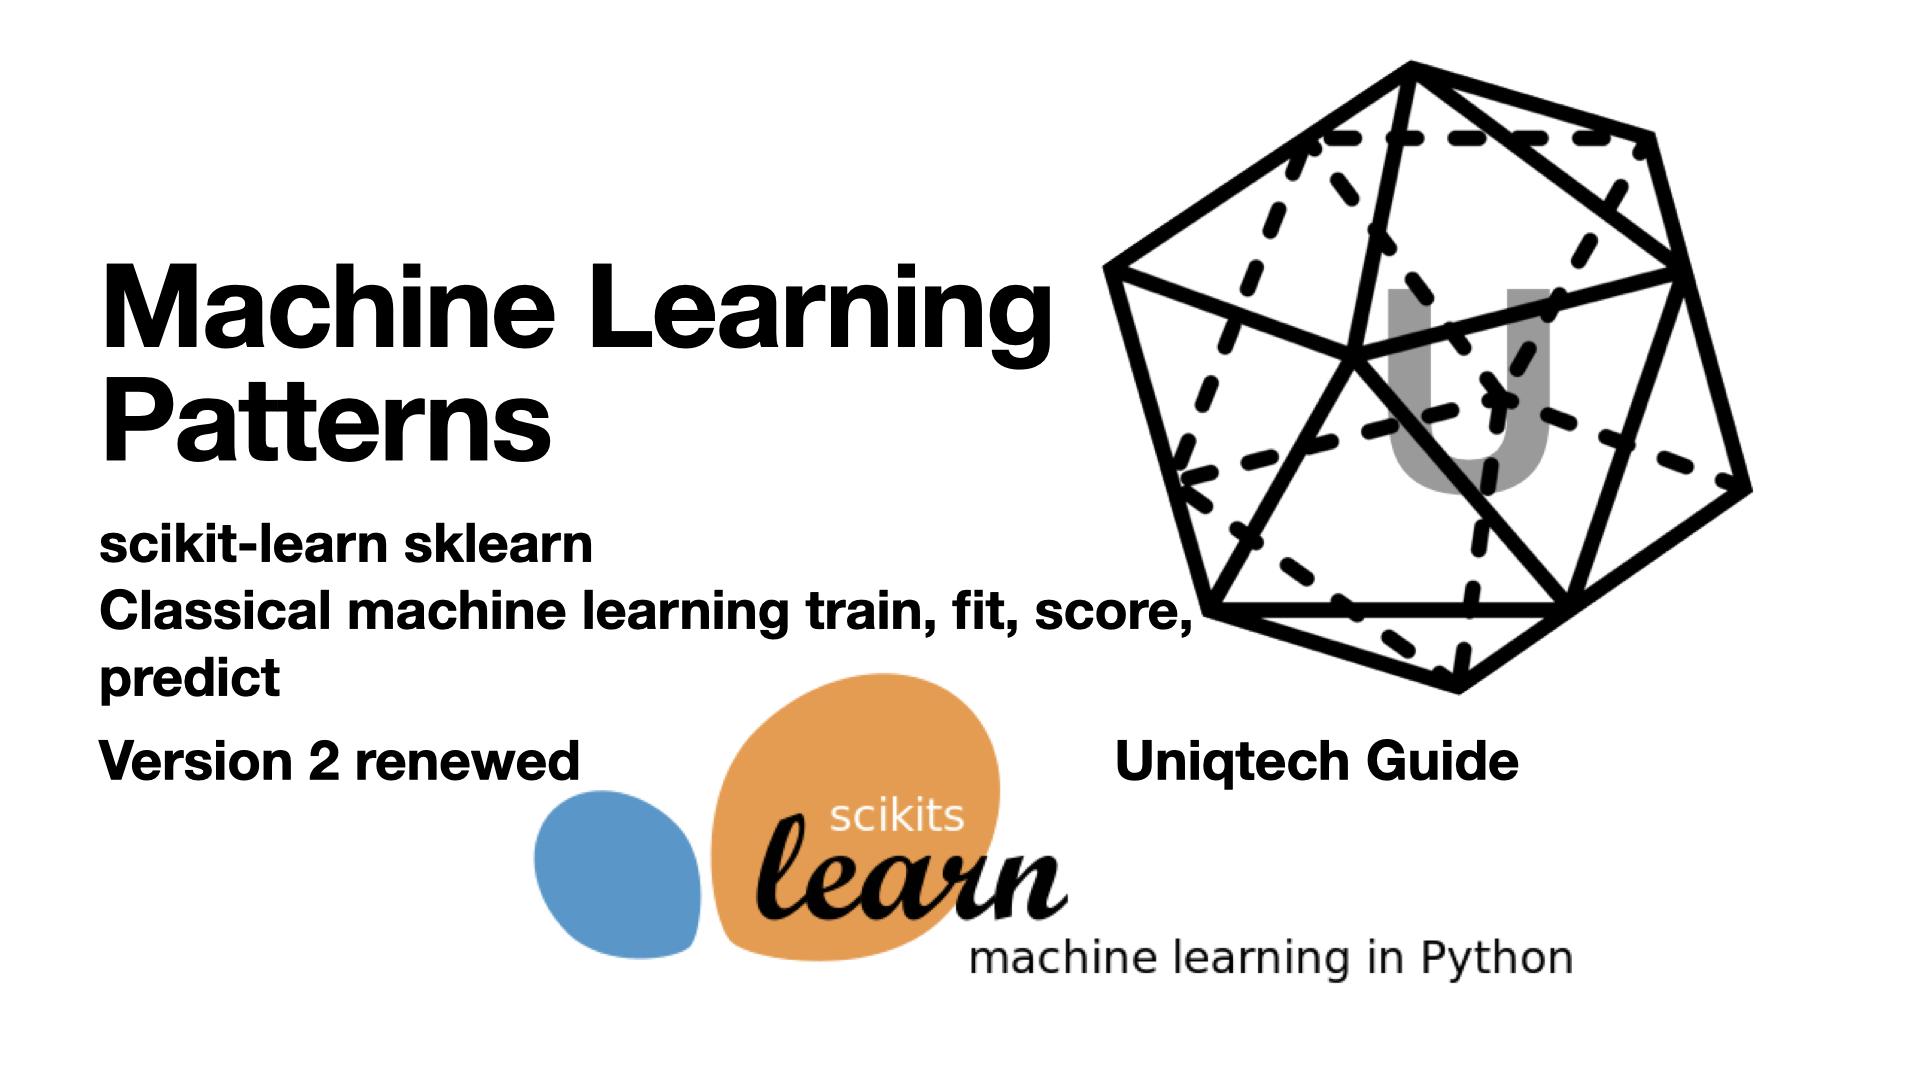 scikit learn uniqtech guide cover photo